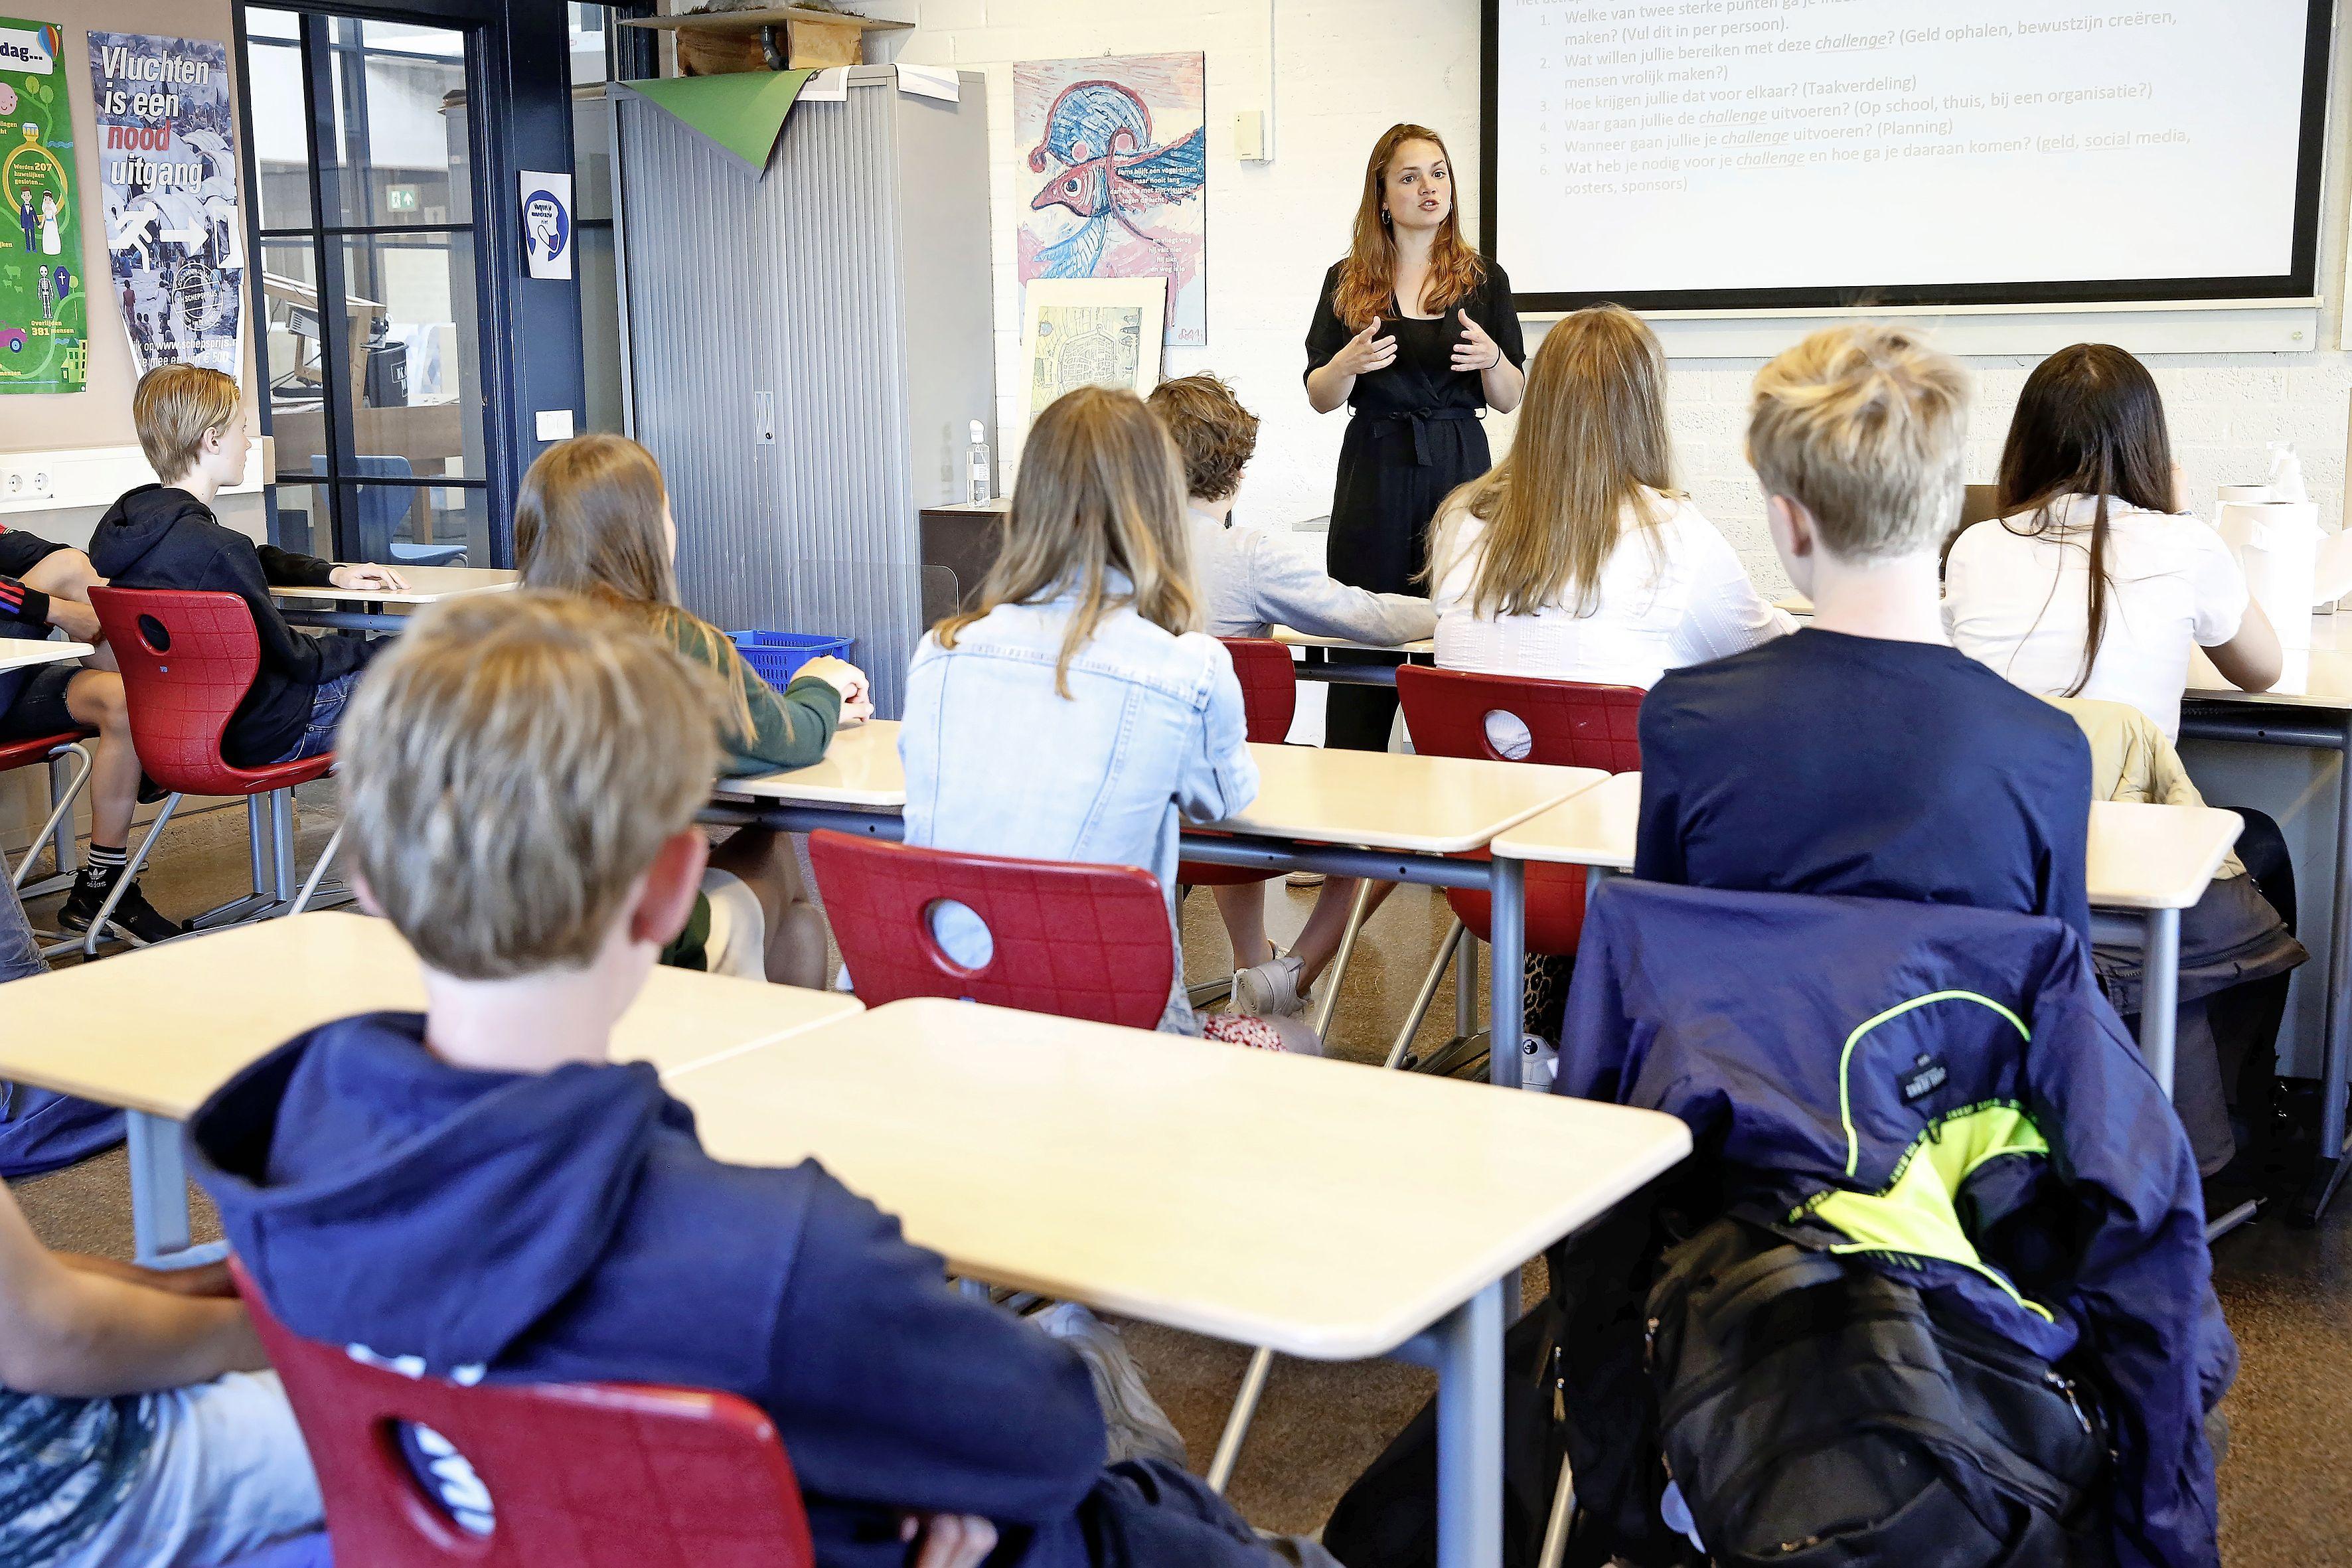 De scholen bruisen weer na heropening met zelftesten. 'We leggen het belang uit van twee keer per week testen, maar we gaan ze niets verplichten'